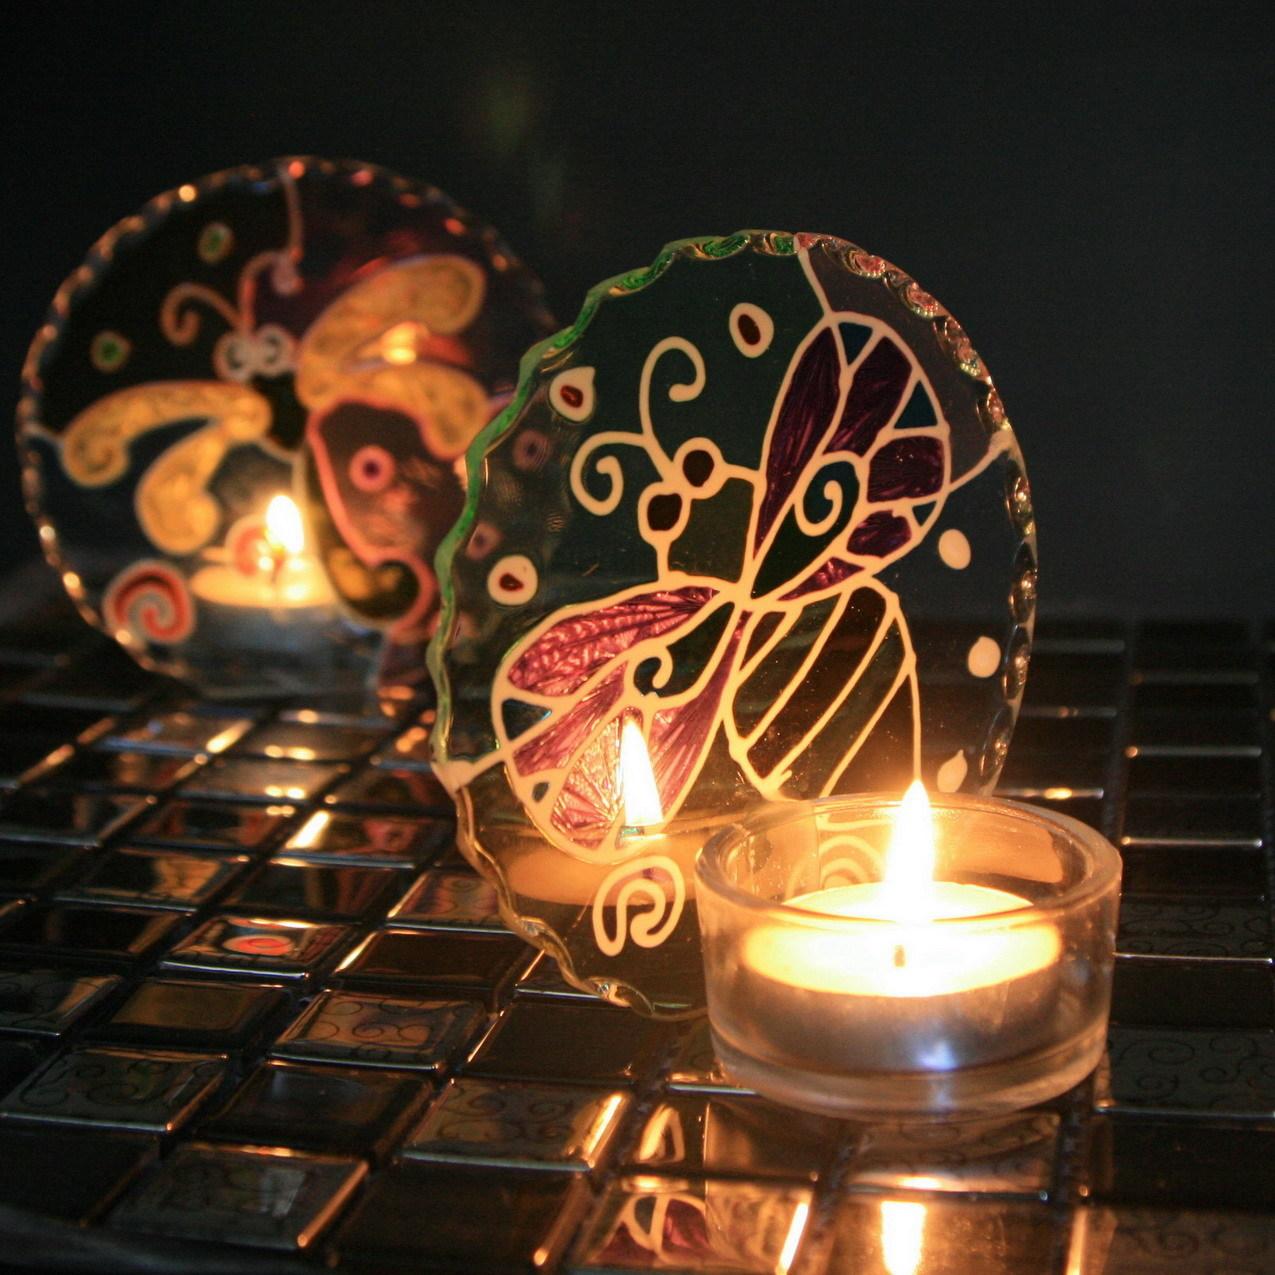 Подсвечник Дельфины и цветы ручная роспись стекла подсвечники бабочка Жук Аксессуары Подсвечник в форме бокала Европейский стиль Из стекла